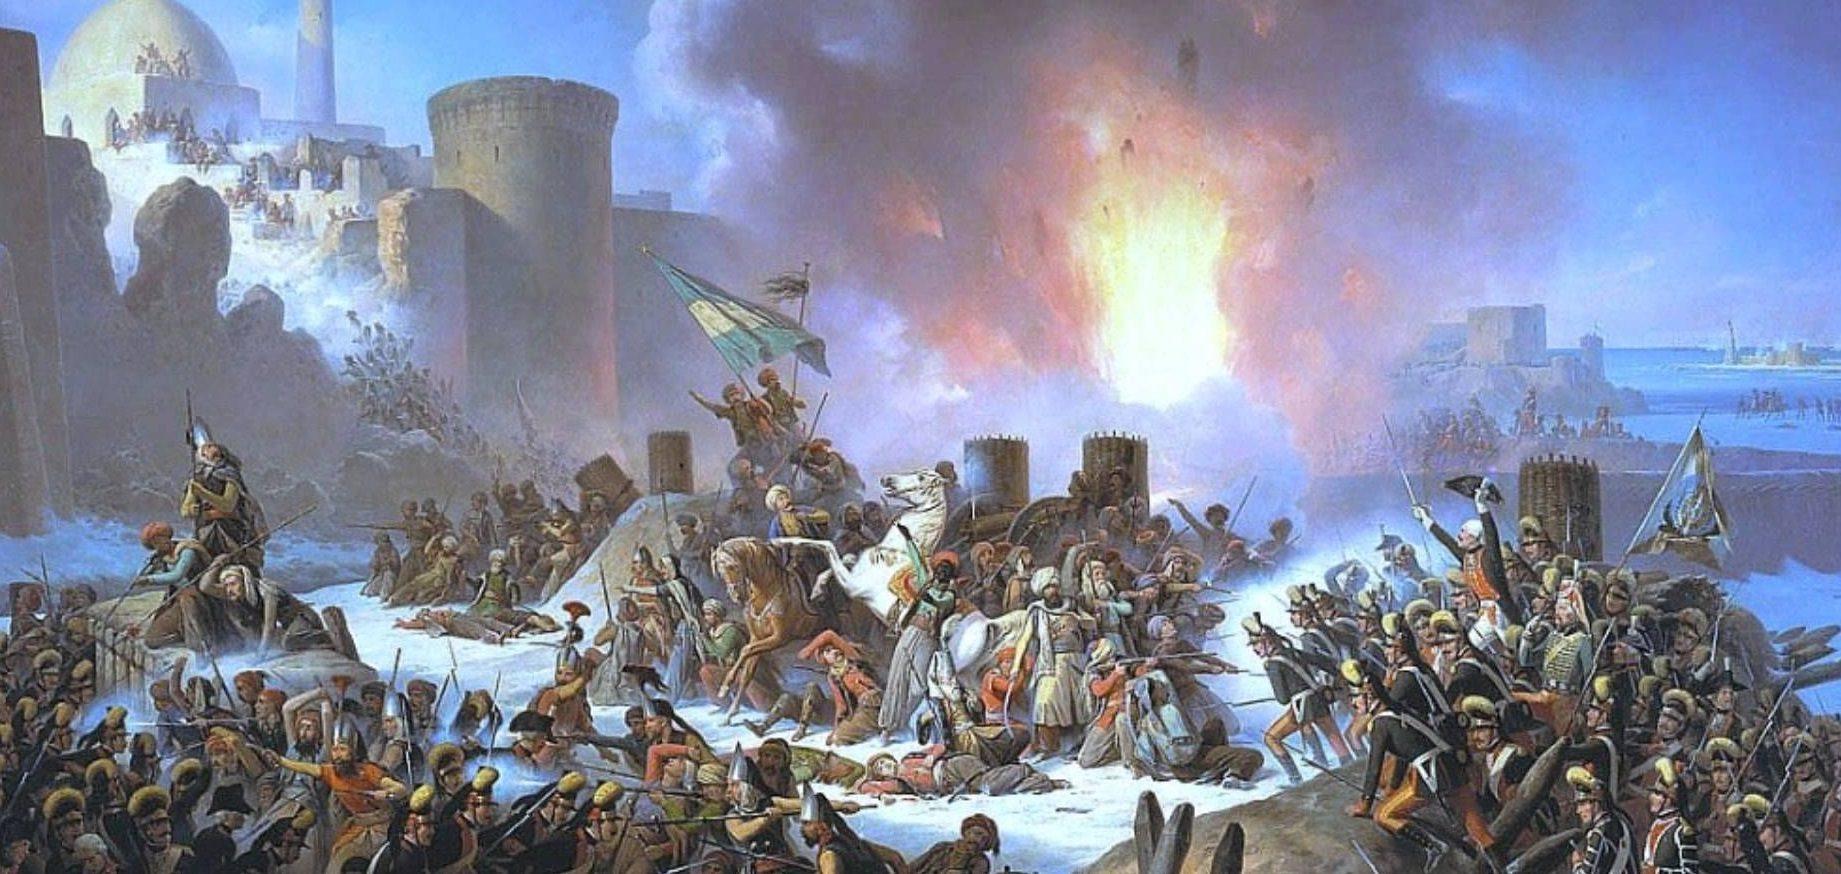 V bitvě u Karánsebes si Rakušané uříznou ostudu. Zaútočí na vlastní vojsko.